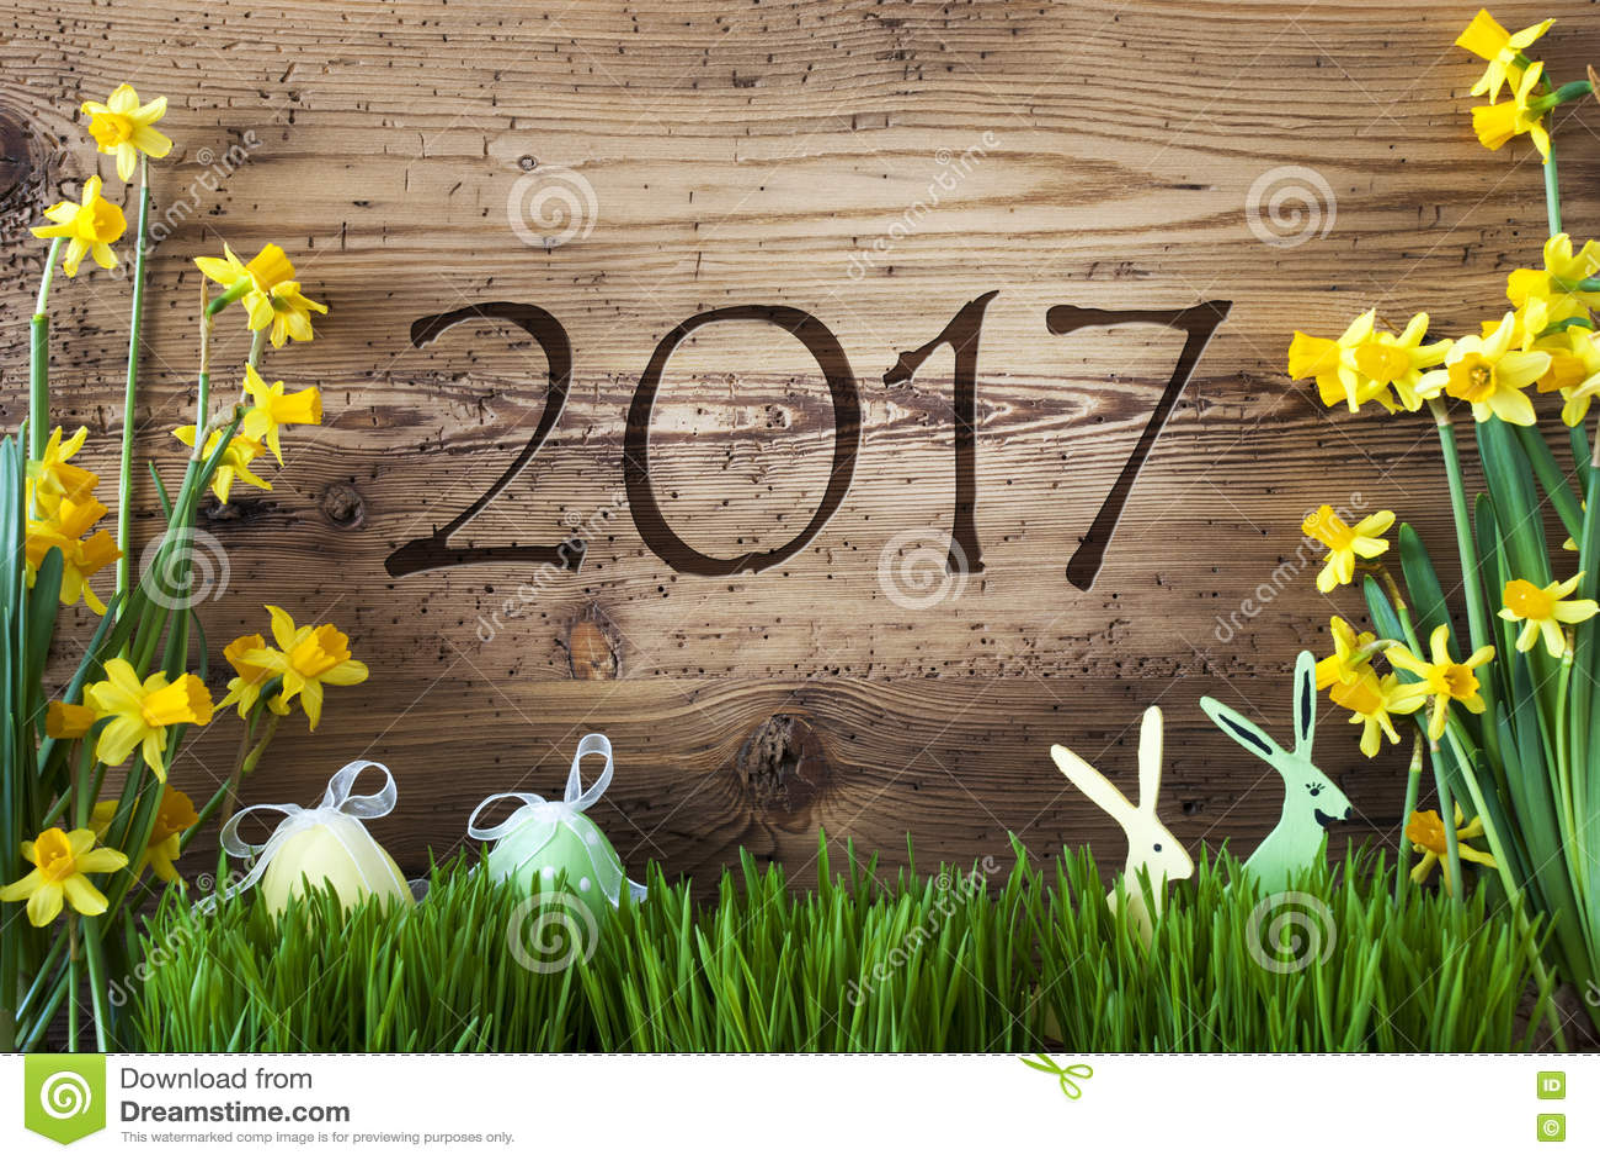 Pasen-Decoratie, Gras, Tekst 2017 Stock Foto - Afbeelding: 81889806